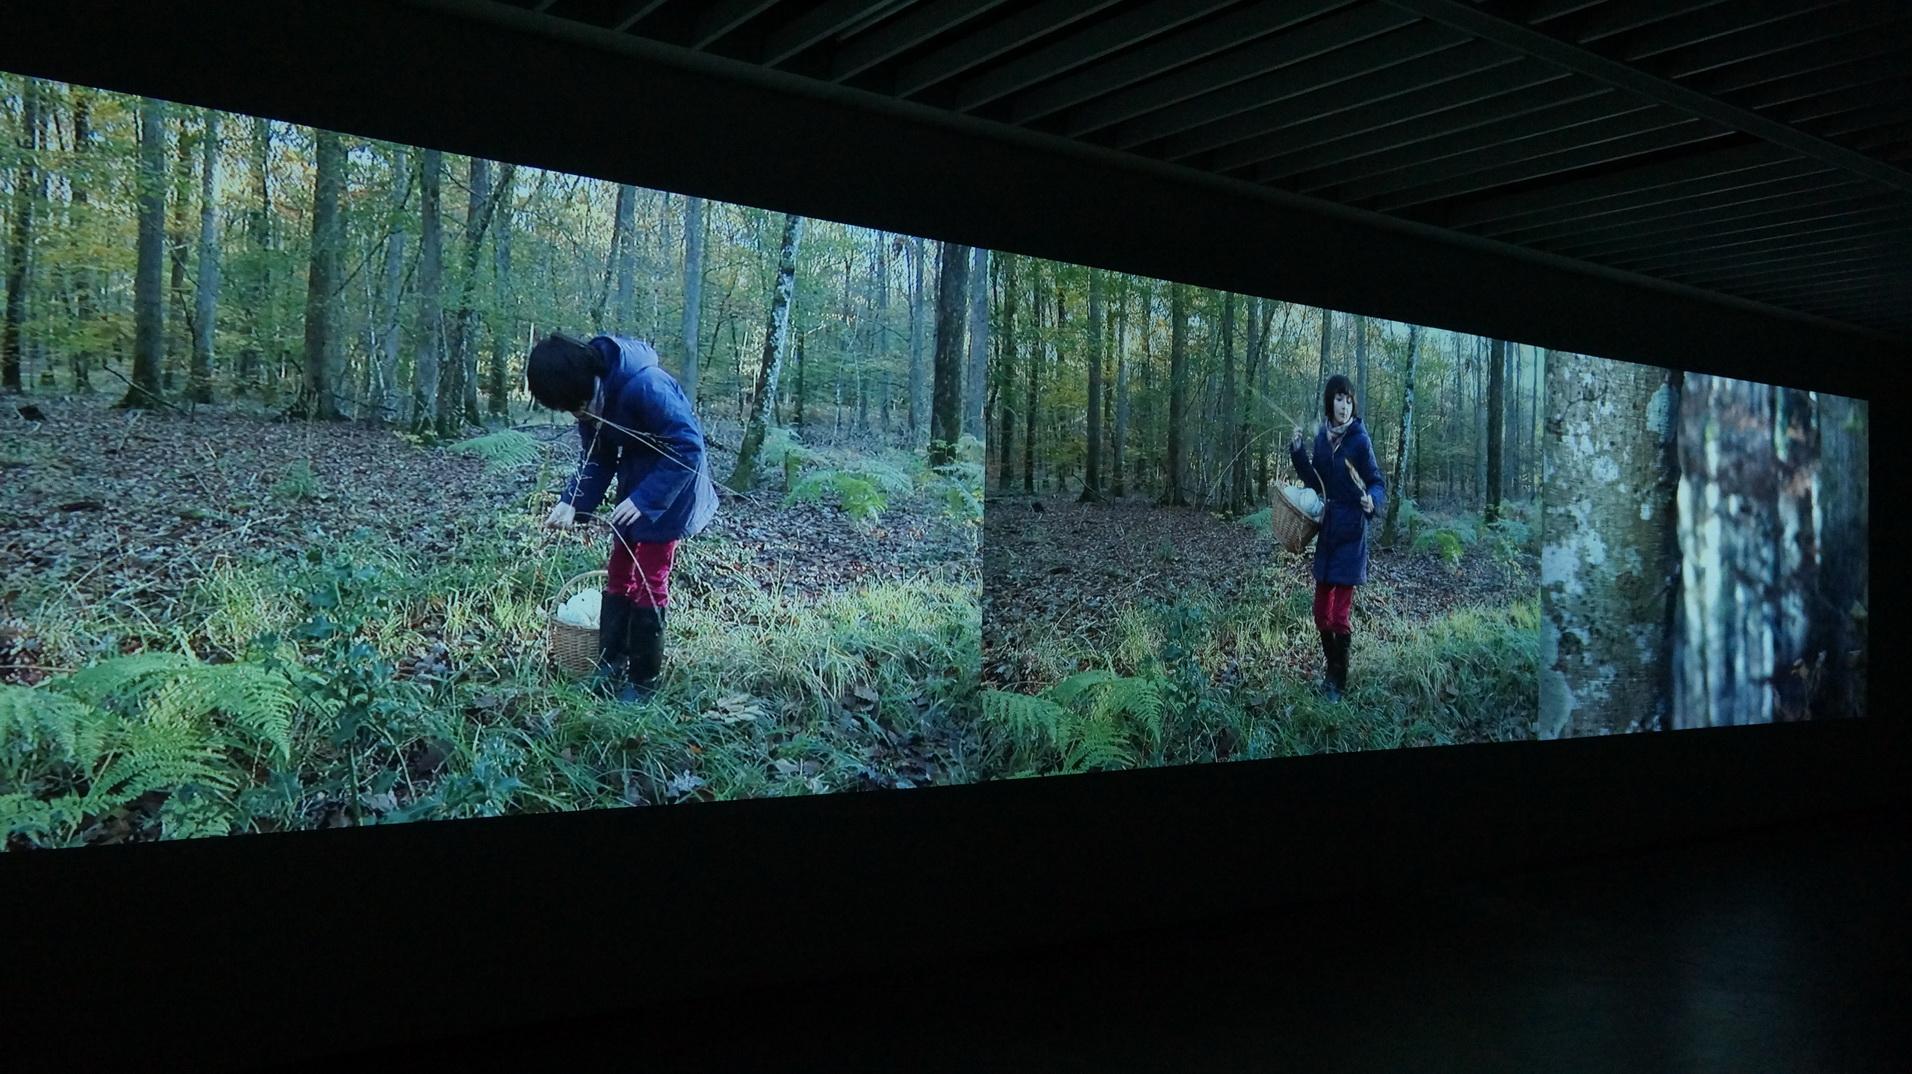 DSC02681 蕭美玲 森 2015 21 minis三頻錄影投影